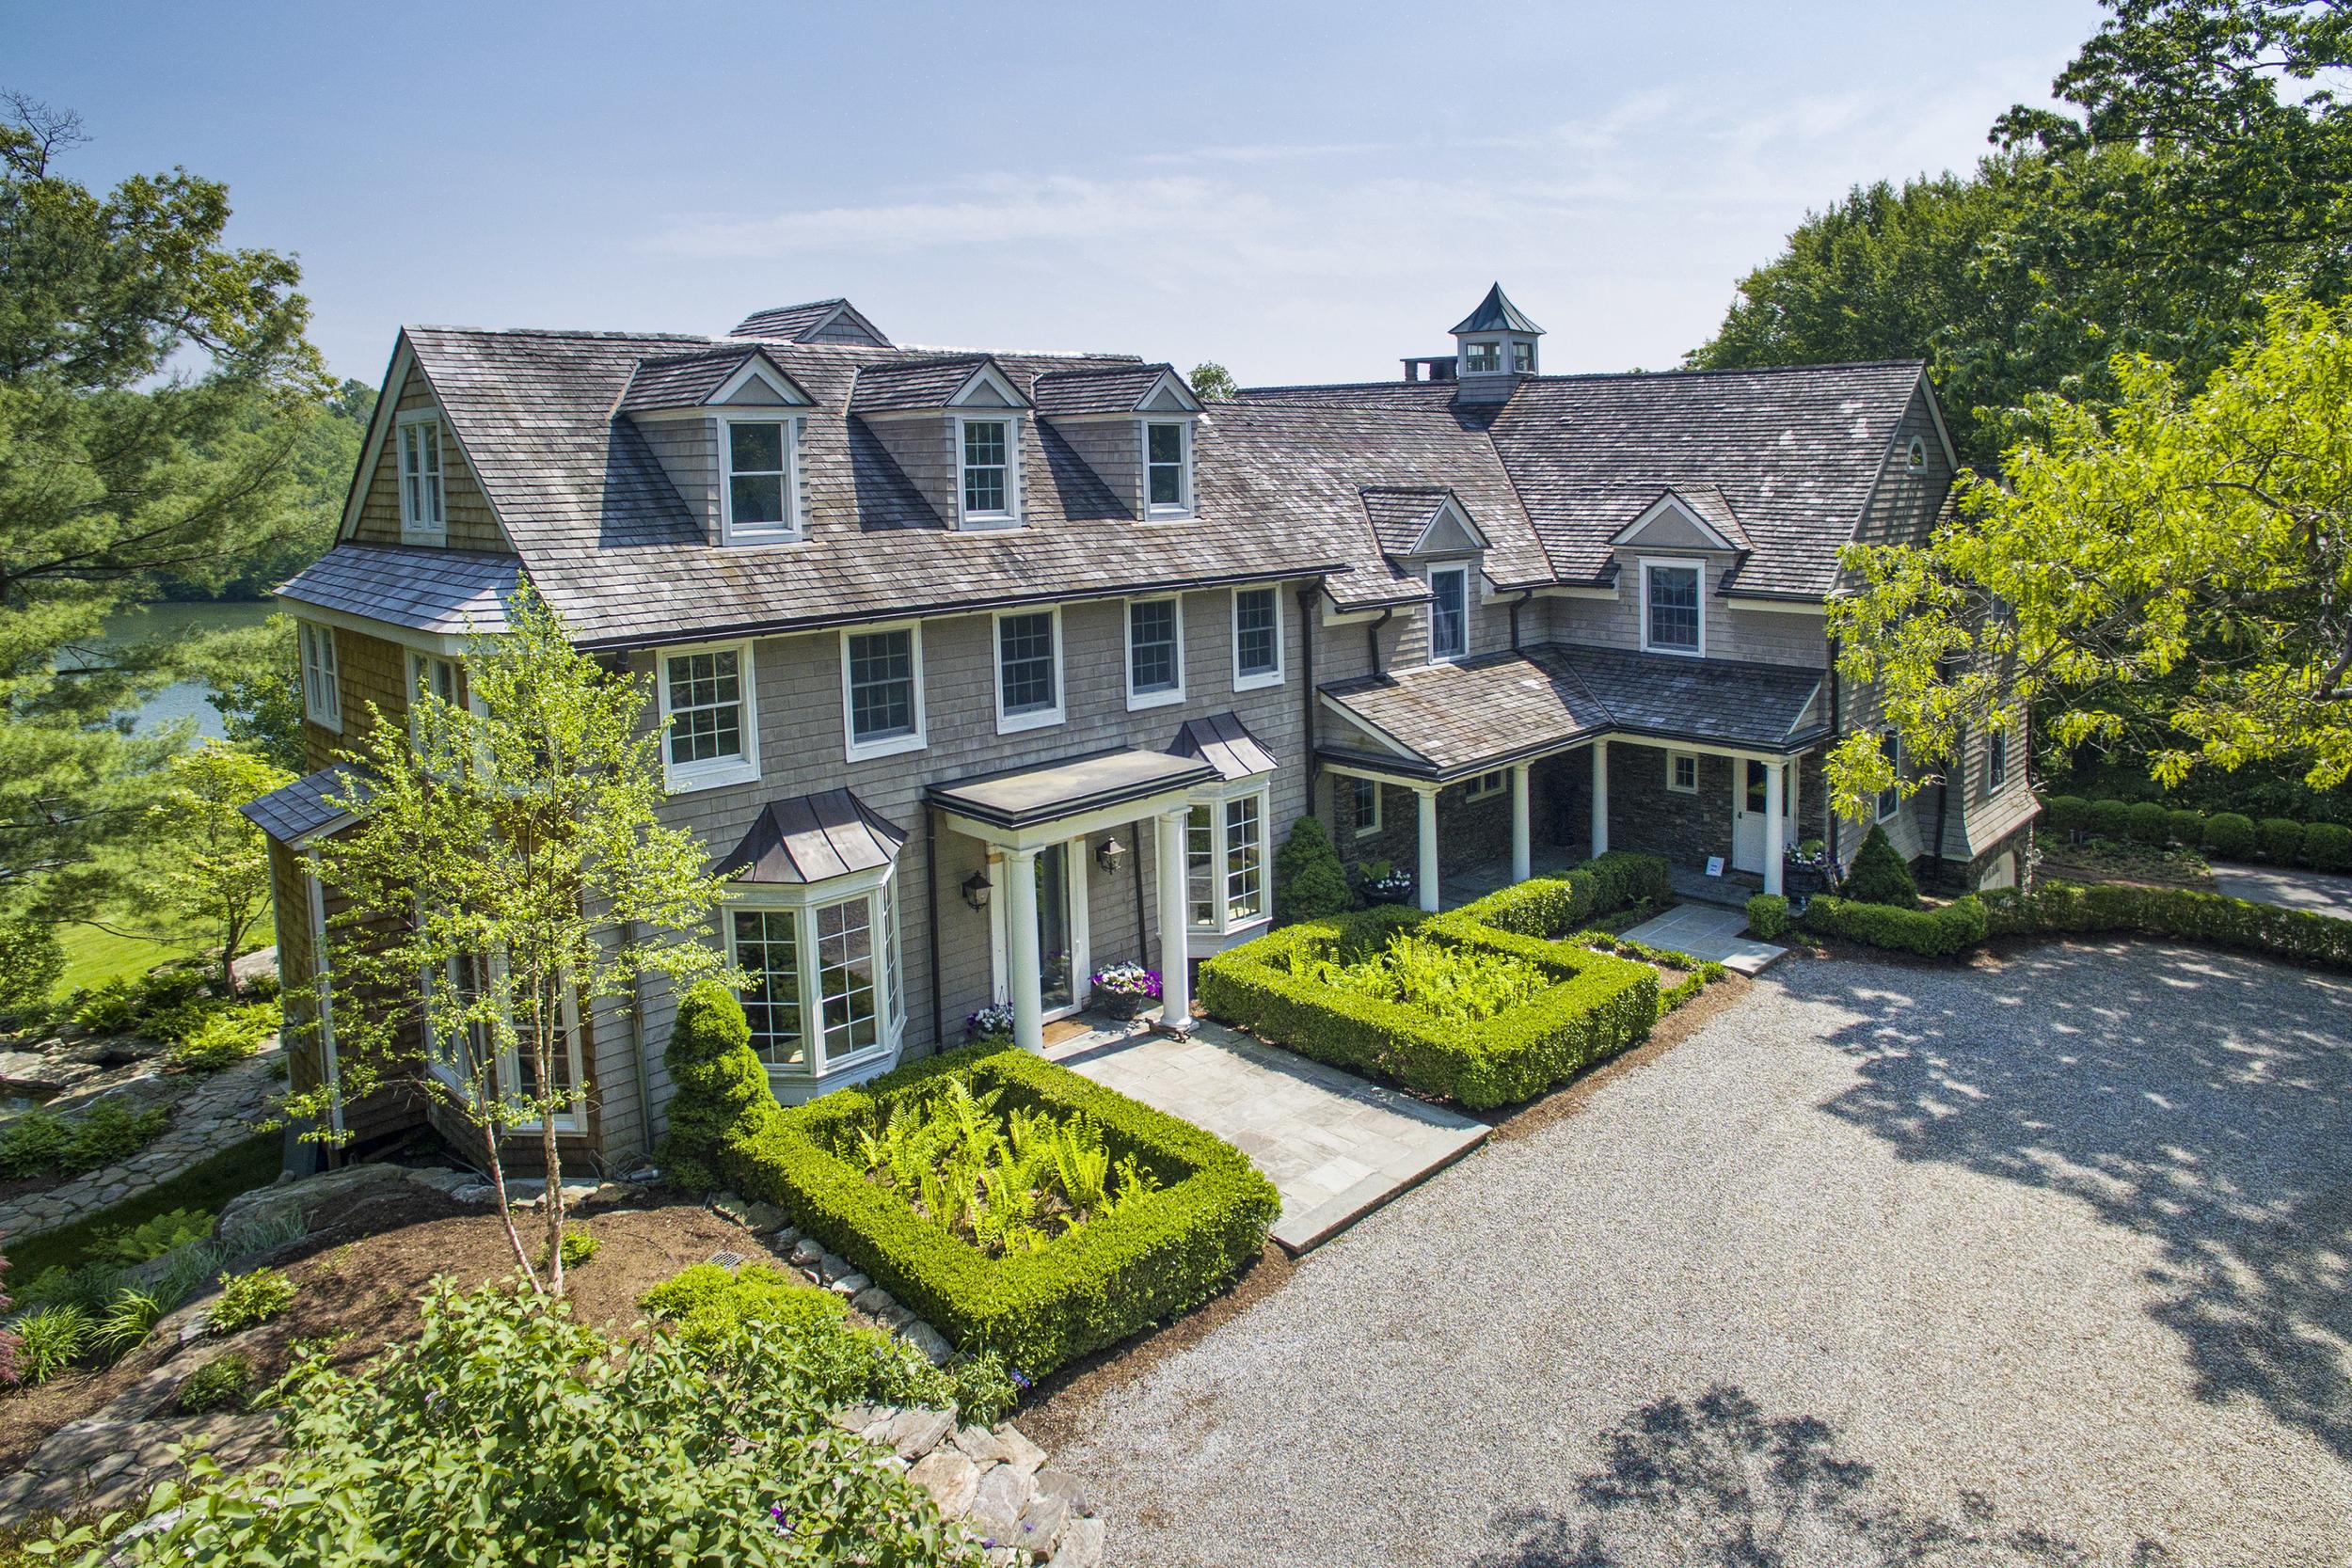 181 Mead Street - $15,985,000